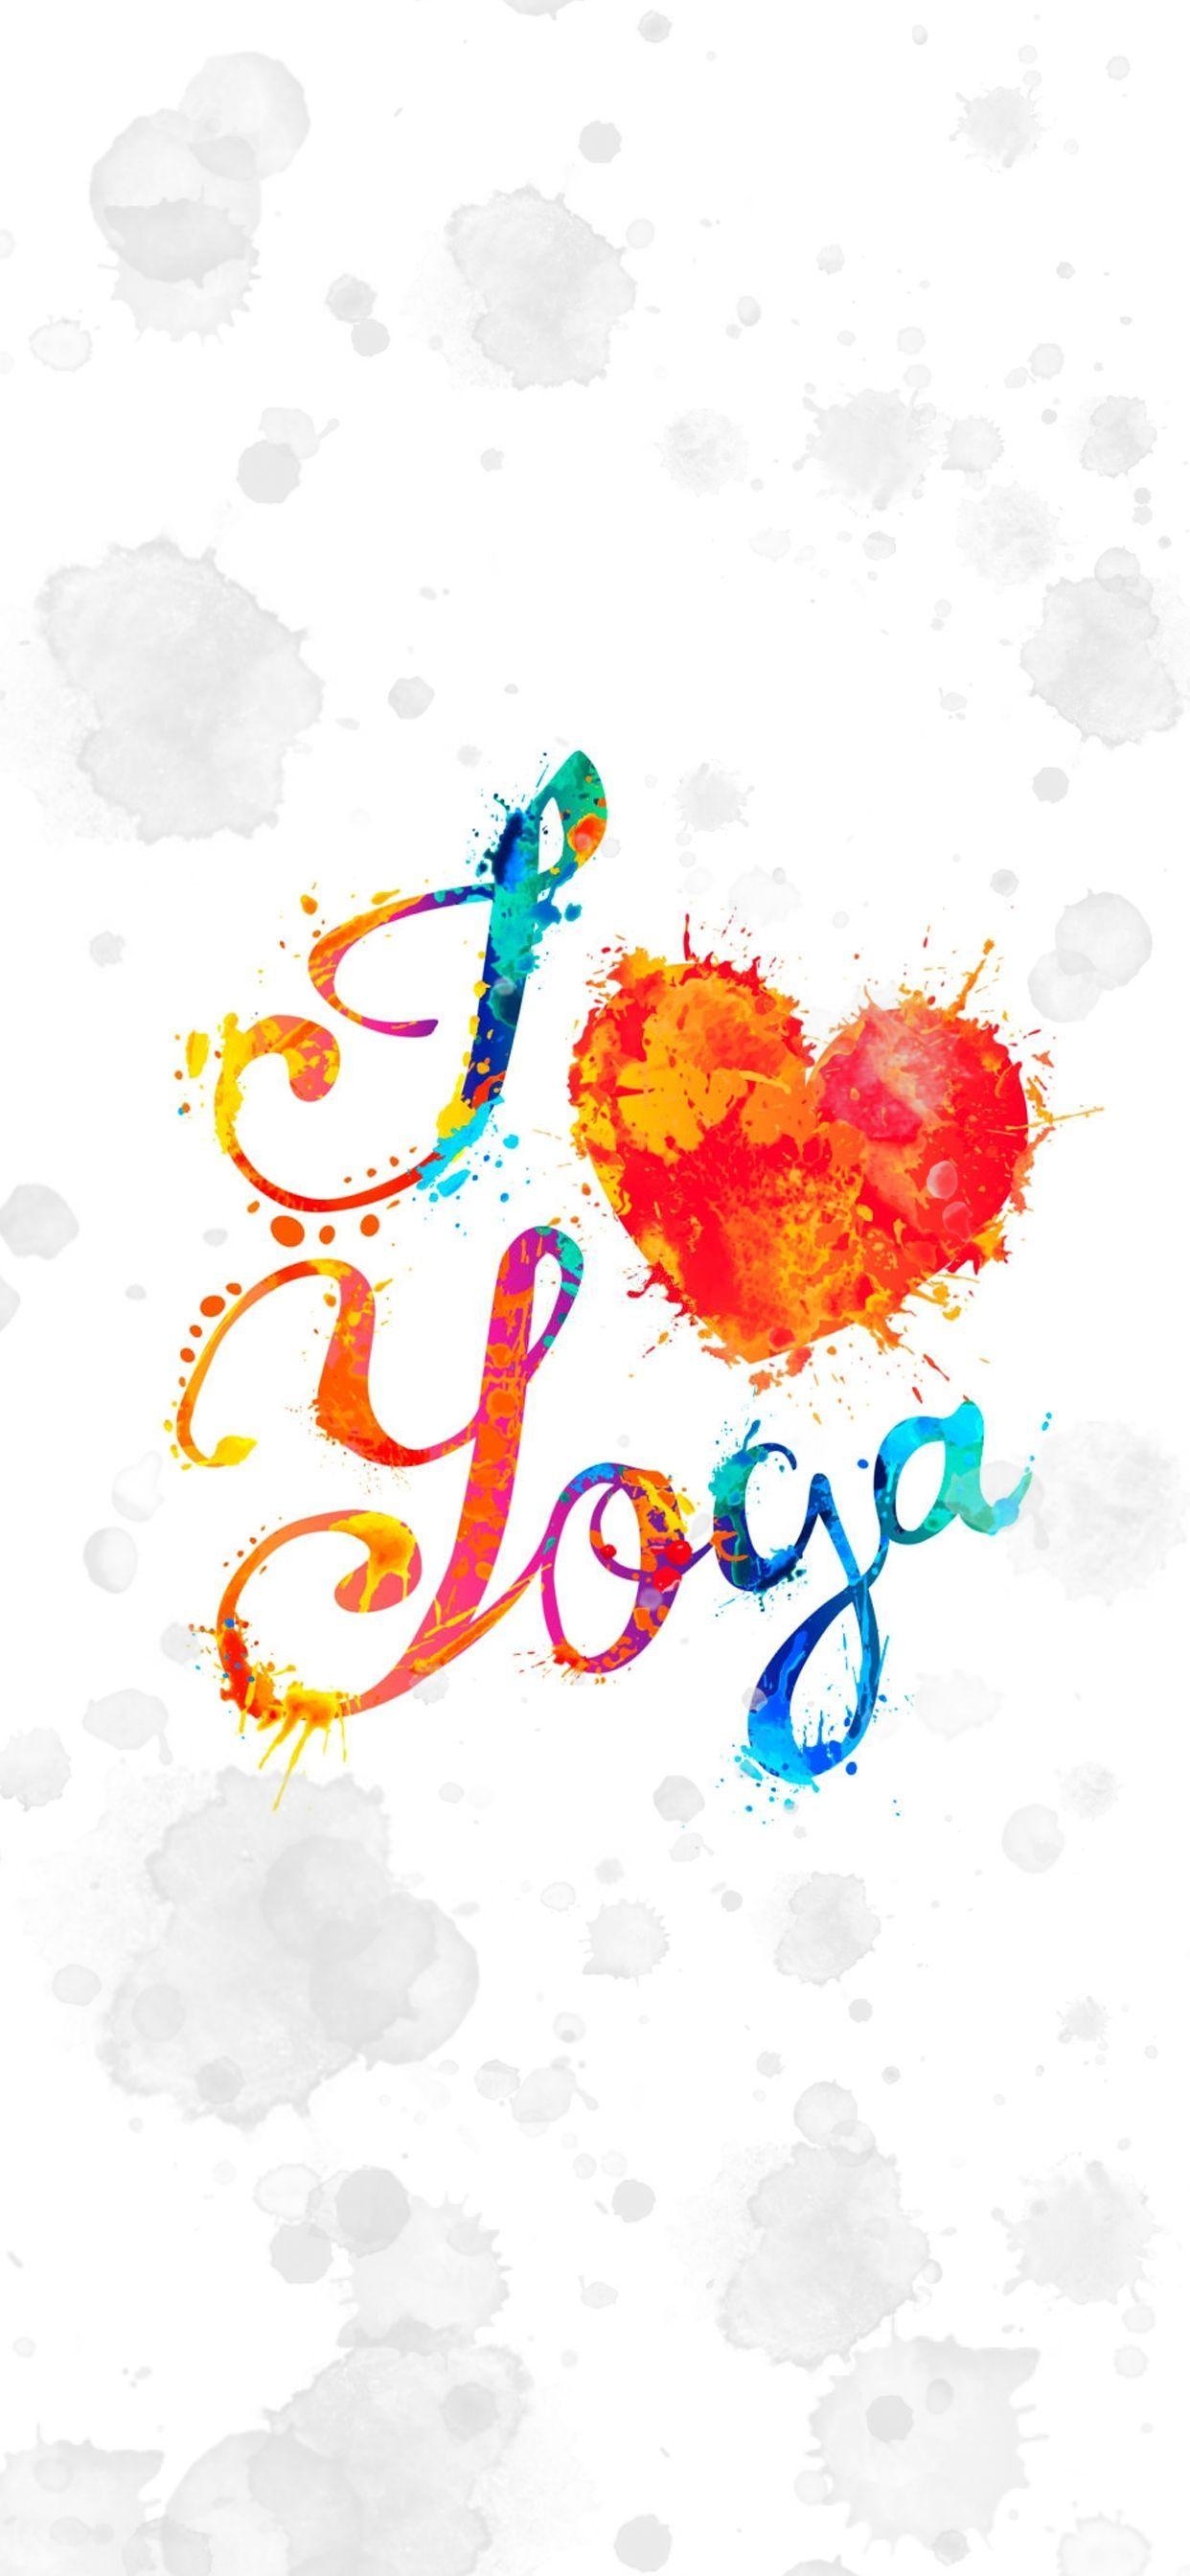 Most Beautiful Mobile Watercolor Yoga Art Wallpaper Top Quality Watercolor Yoga Art Designs Yogaart Watercolo In 2020 Art Wallpaper Yoga Art Iphone Wallpaper Yoga